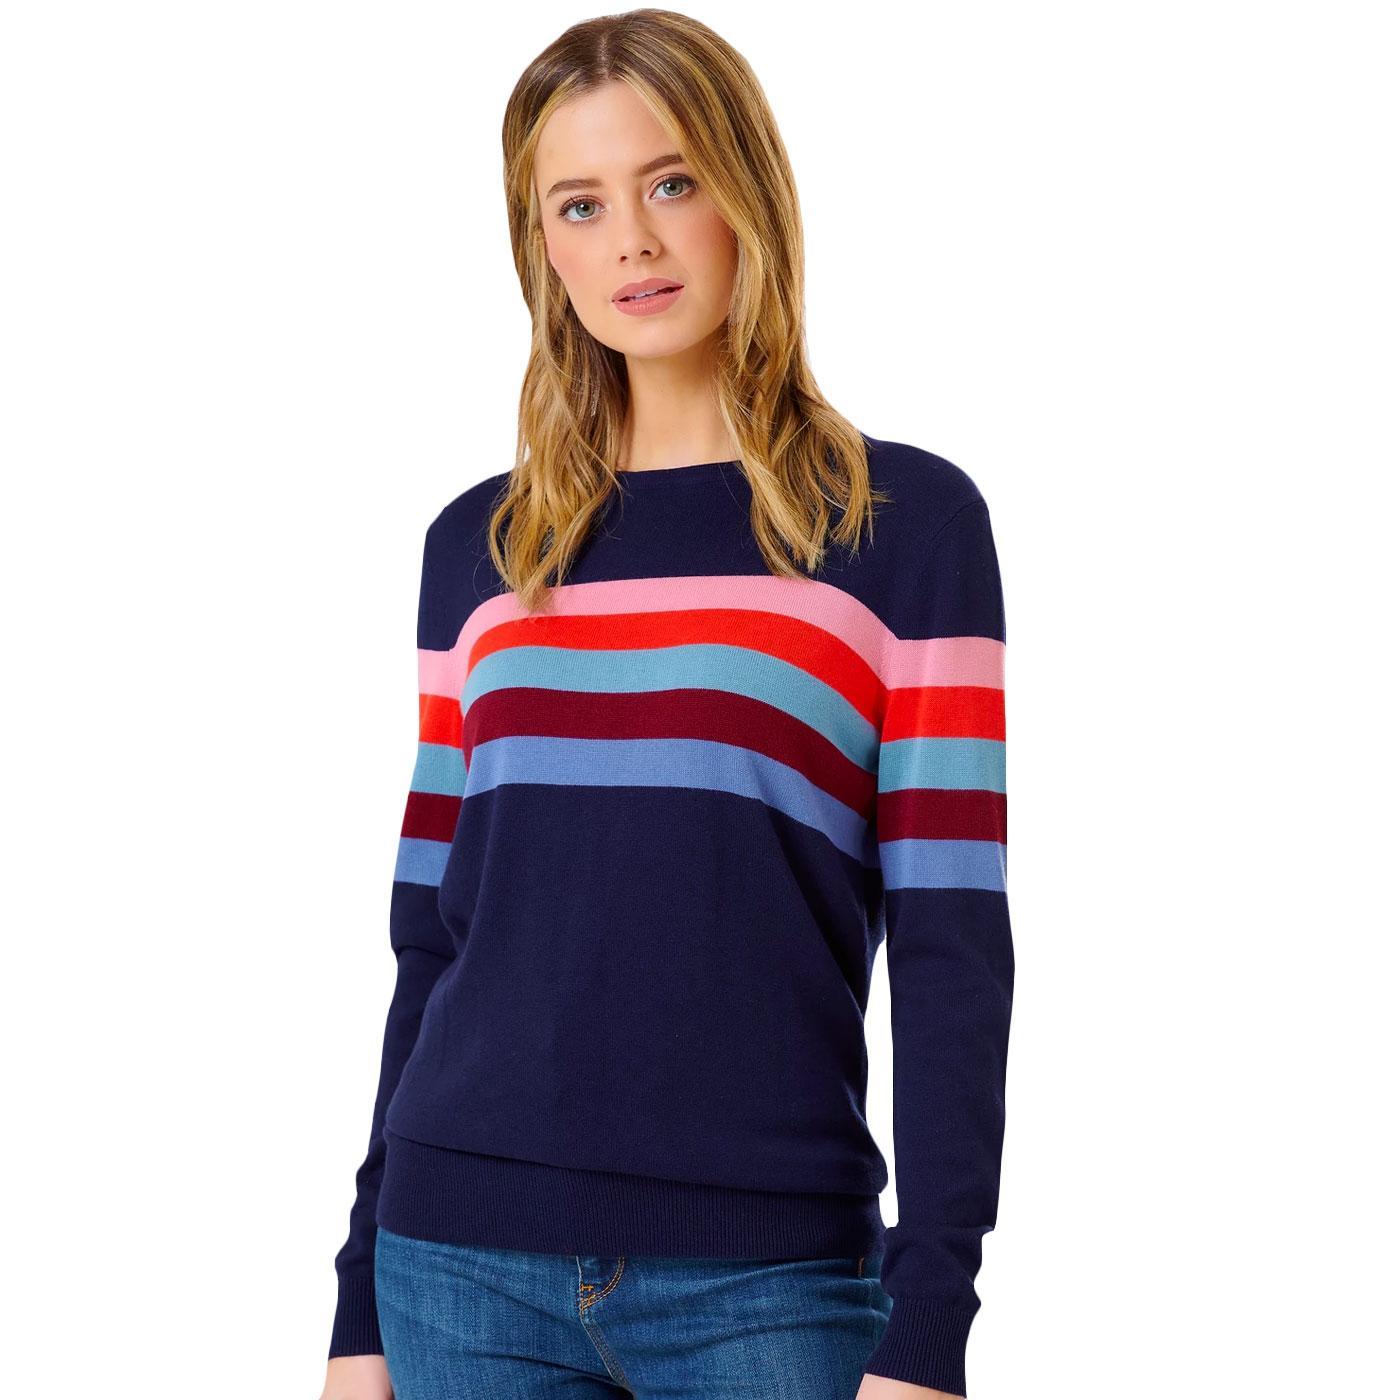 Rita SUGARHILL BRIGHTON Gumball Machine Sweater